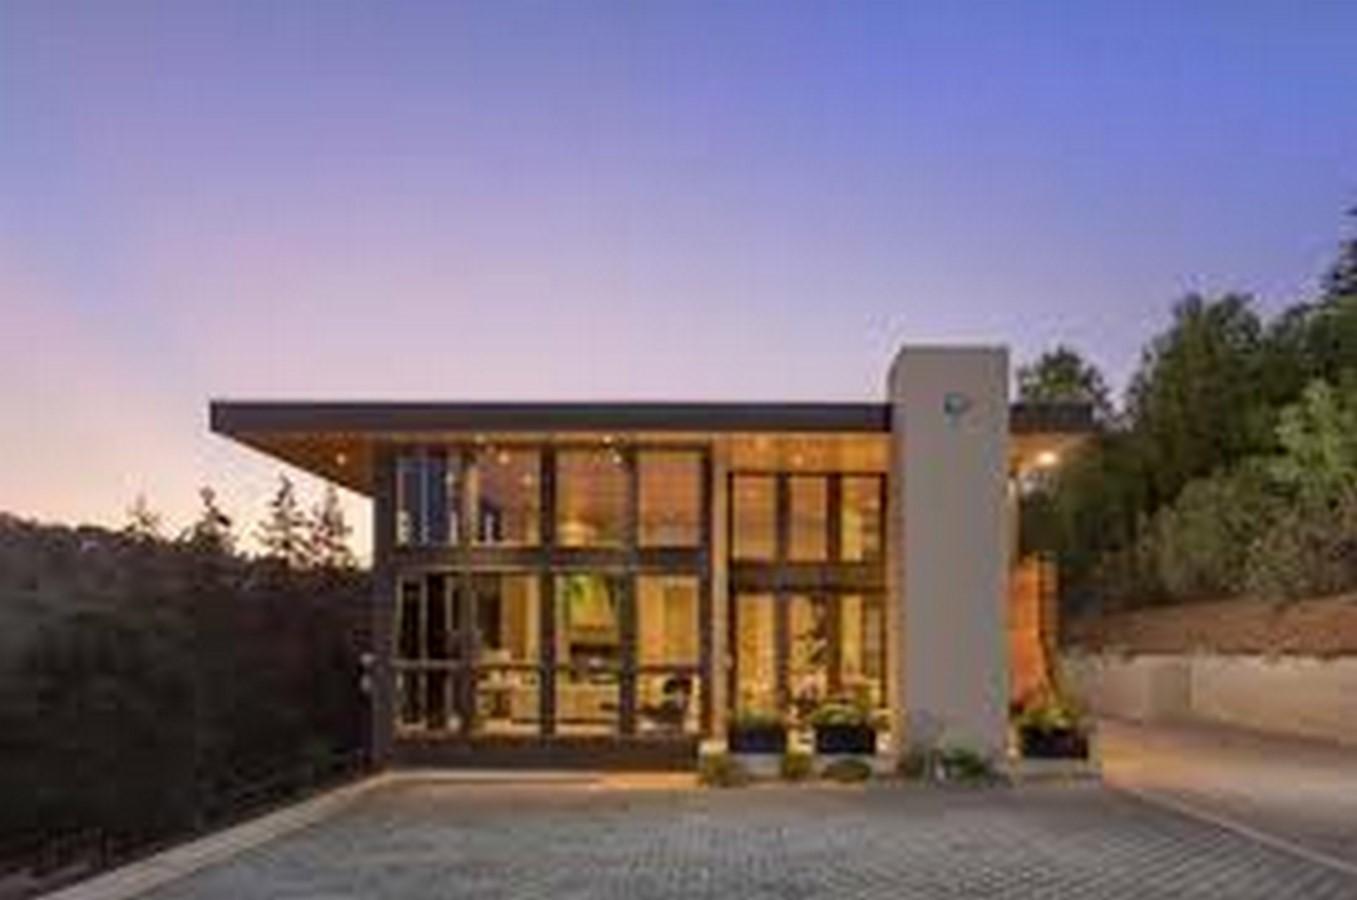 Foothills, Los Altos Hills, California - Sheet2